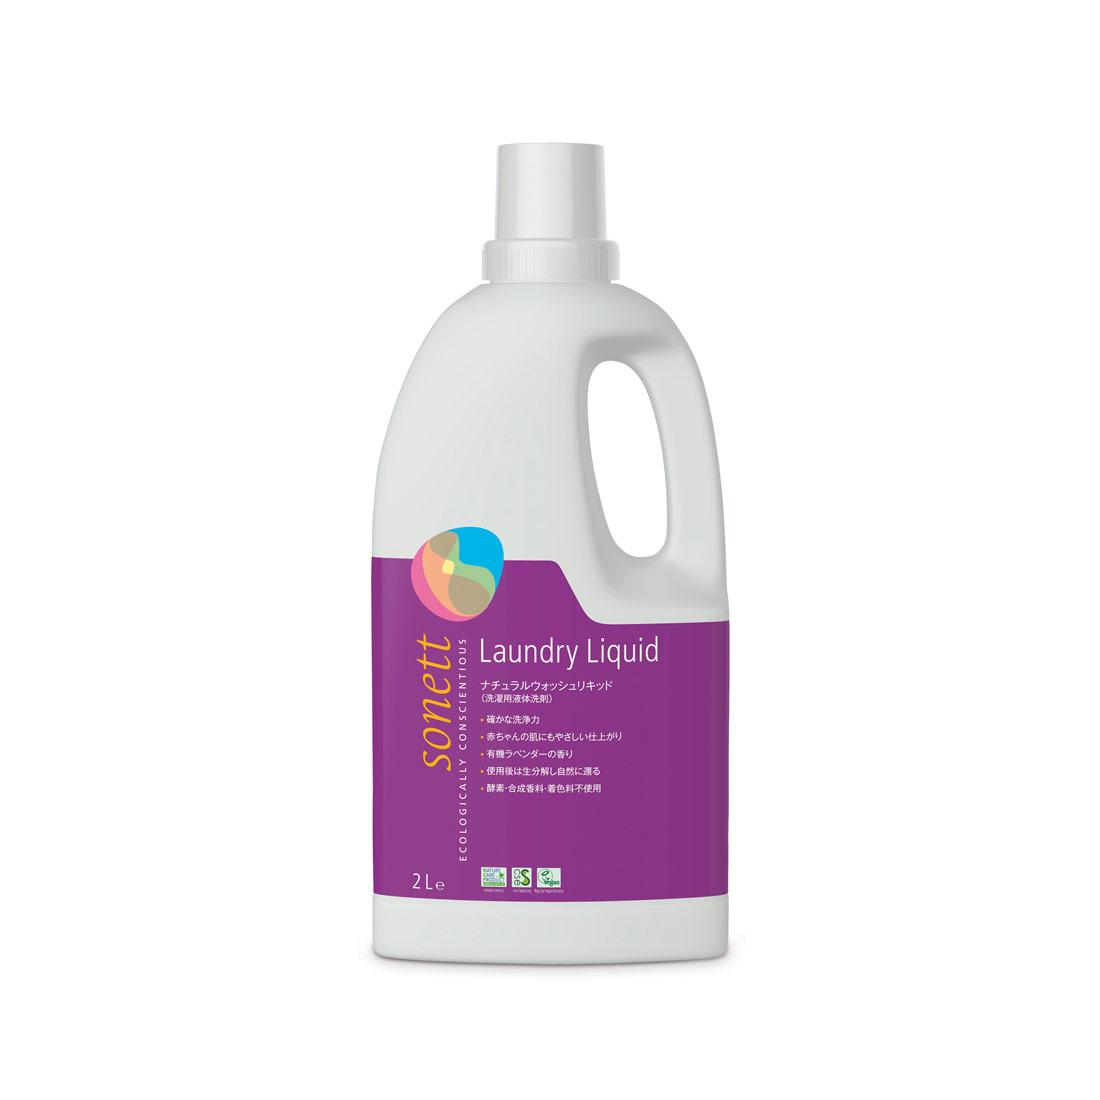 ソネット ナチュラルウォッシュリキッド(洗濯用洗剤・2L)